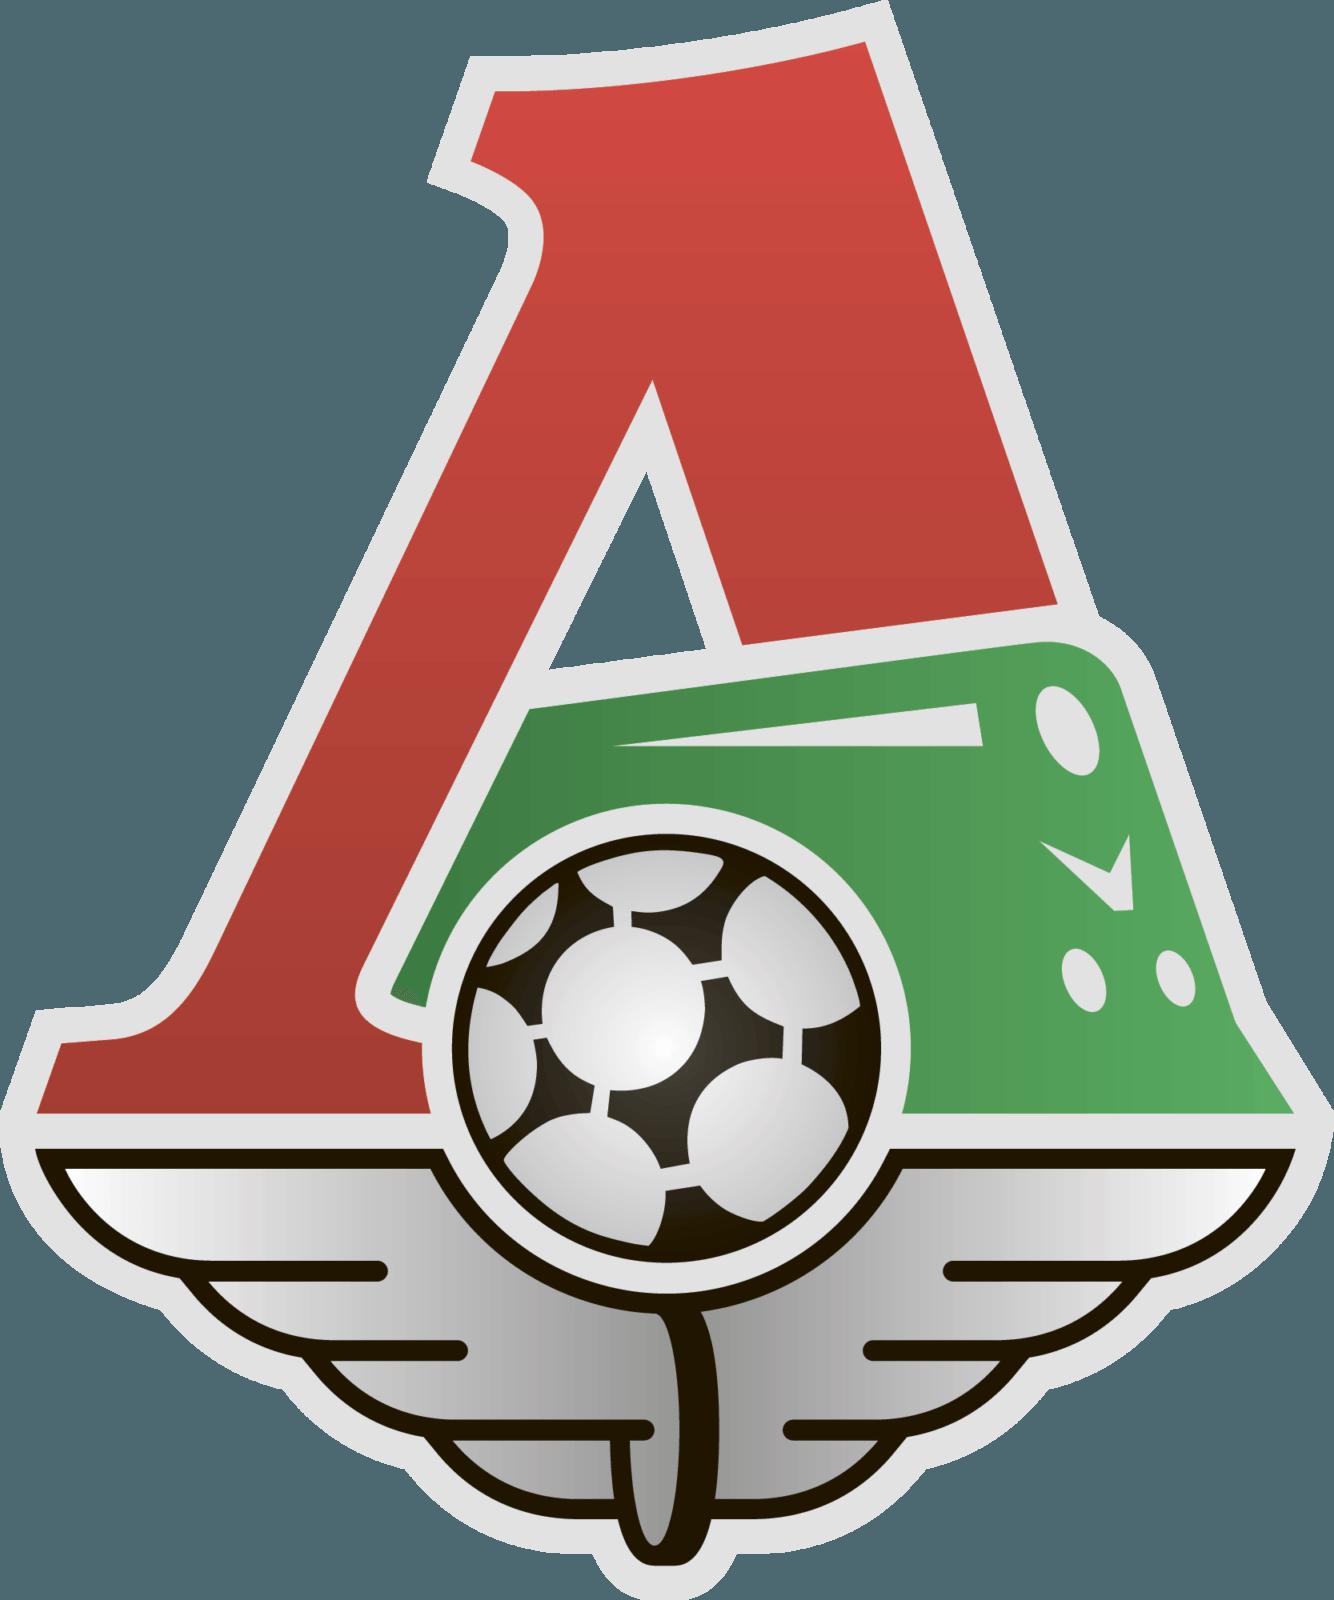 Логотип Локомотива